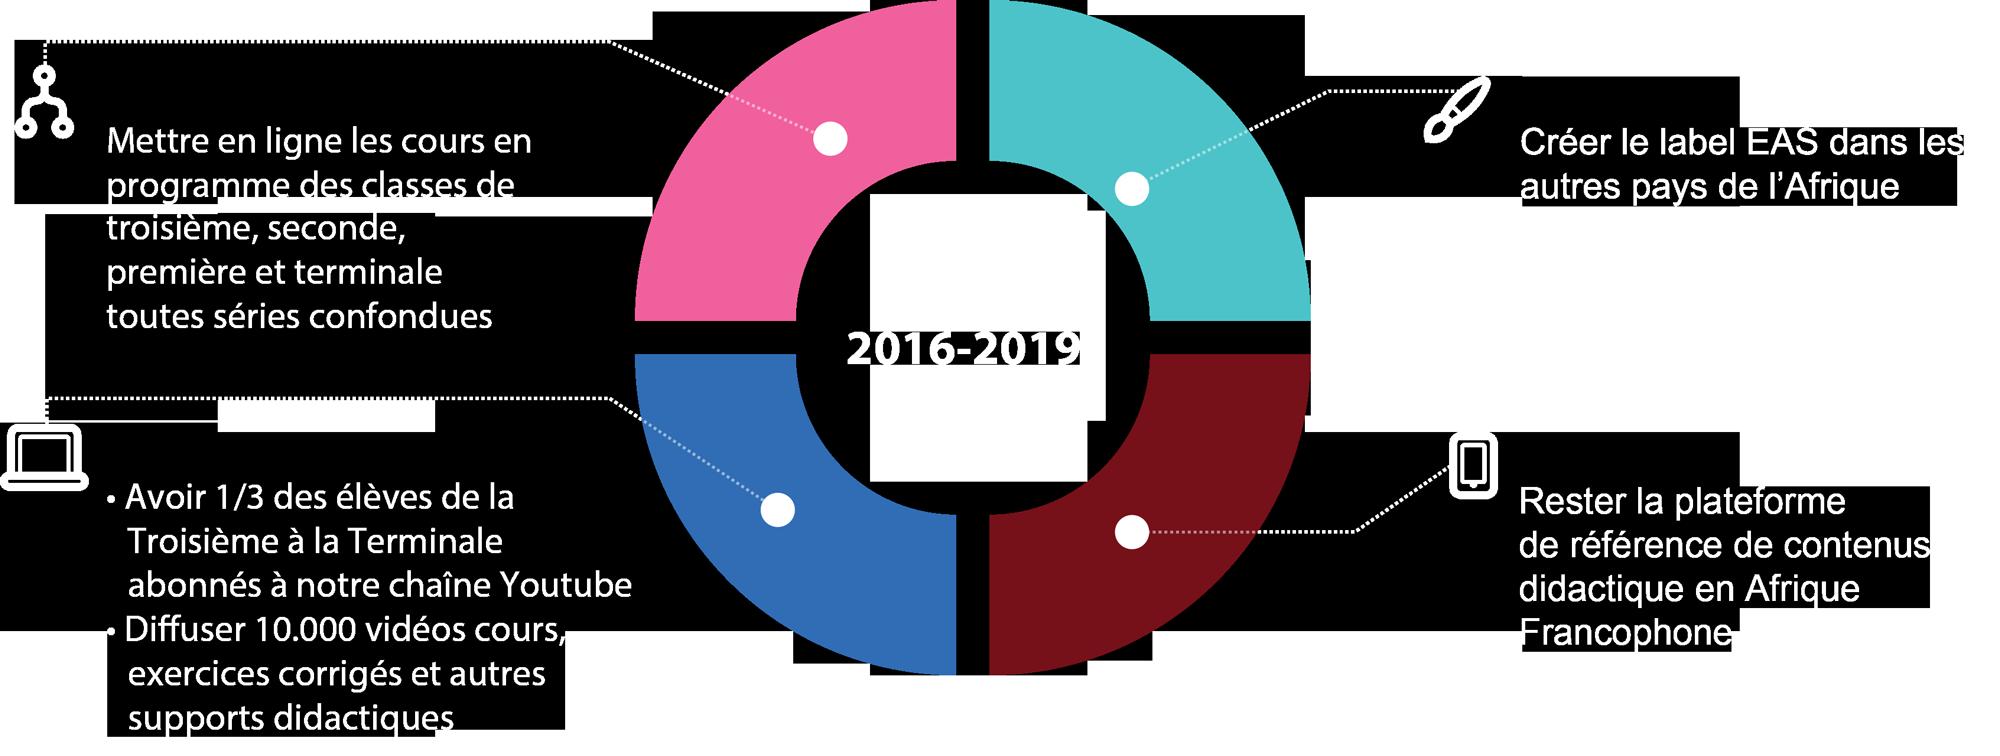 objectifs-2015-2016